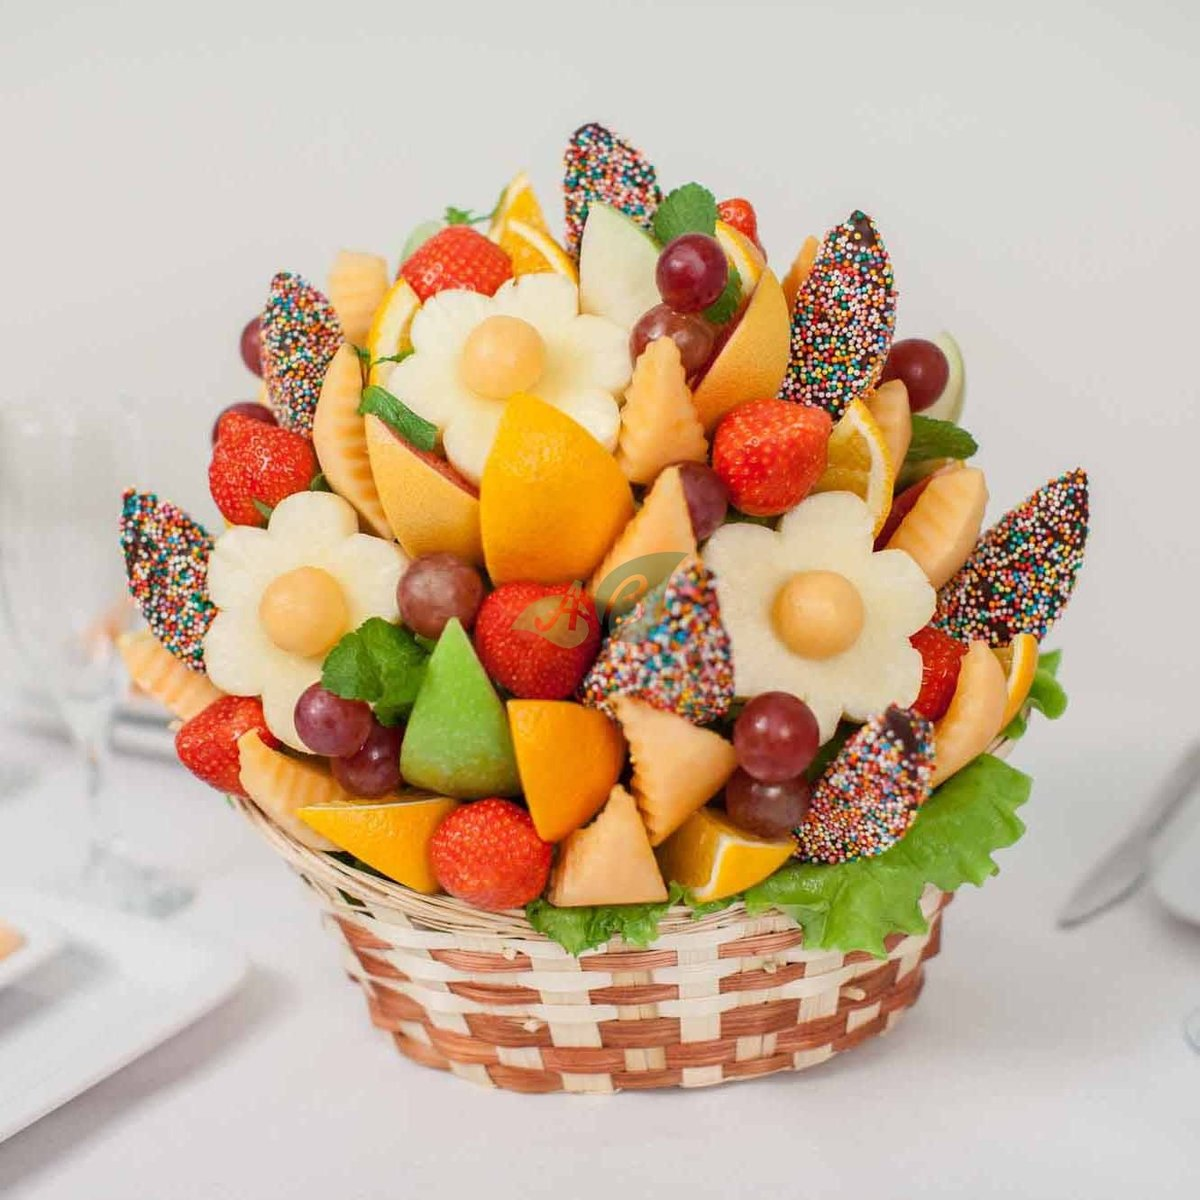 С днем рождения картинки с фруктами, волка для детей